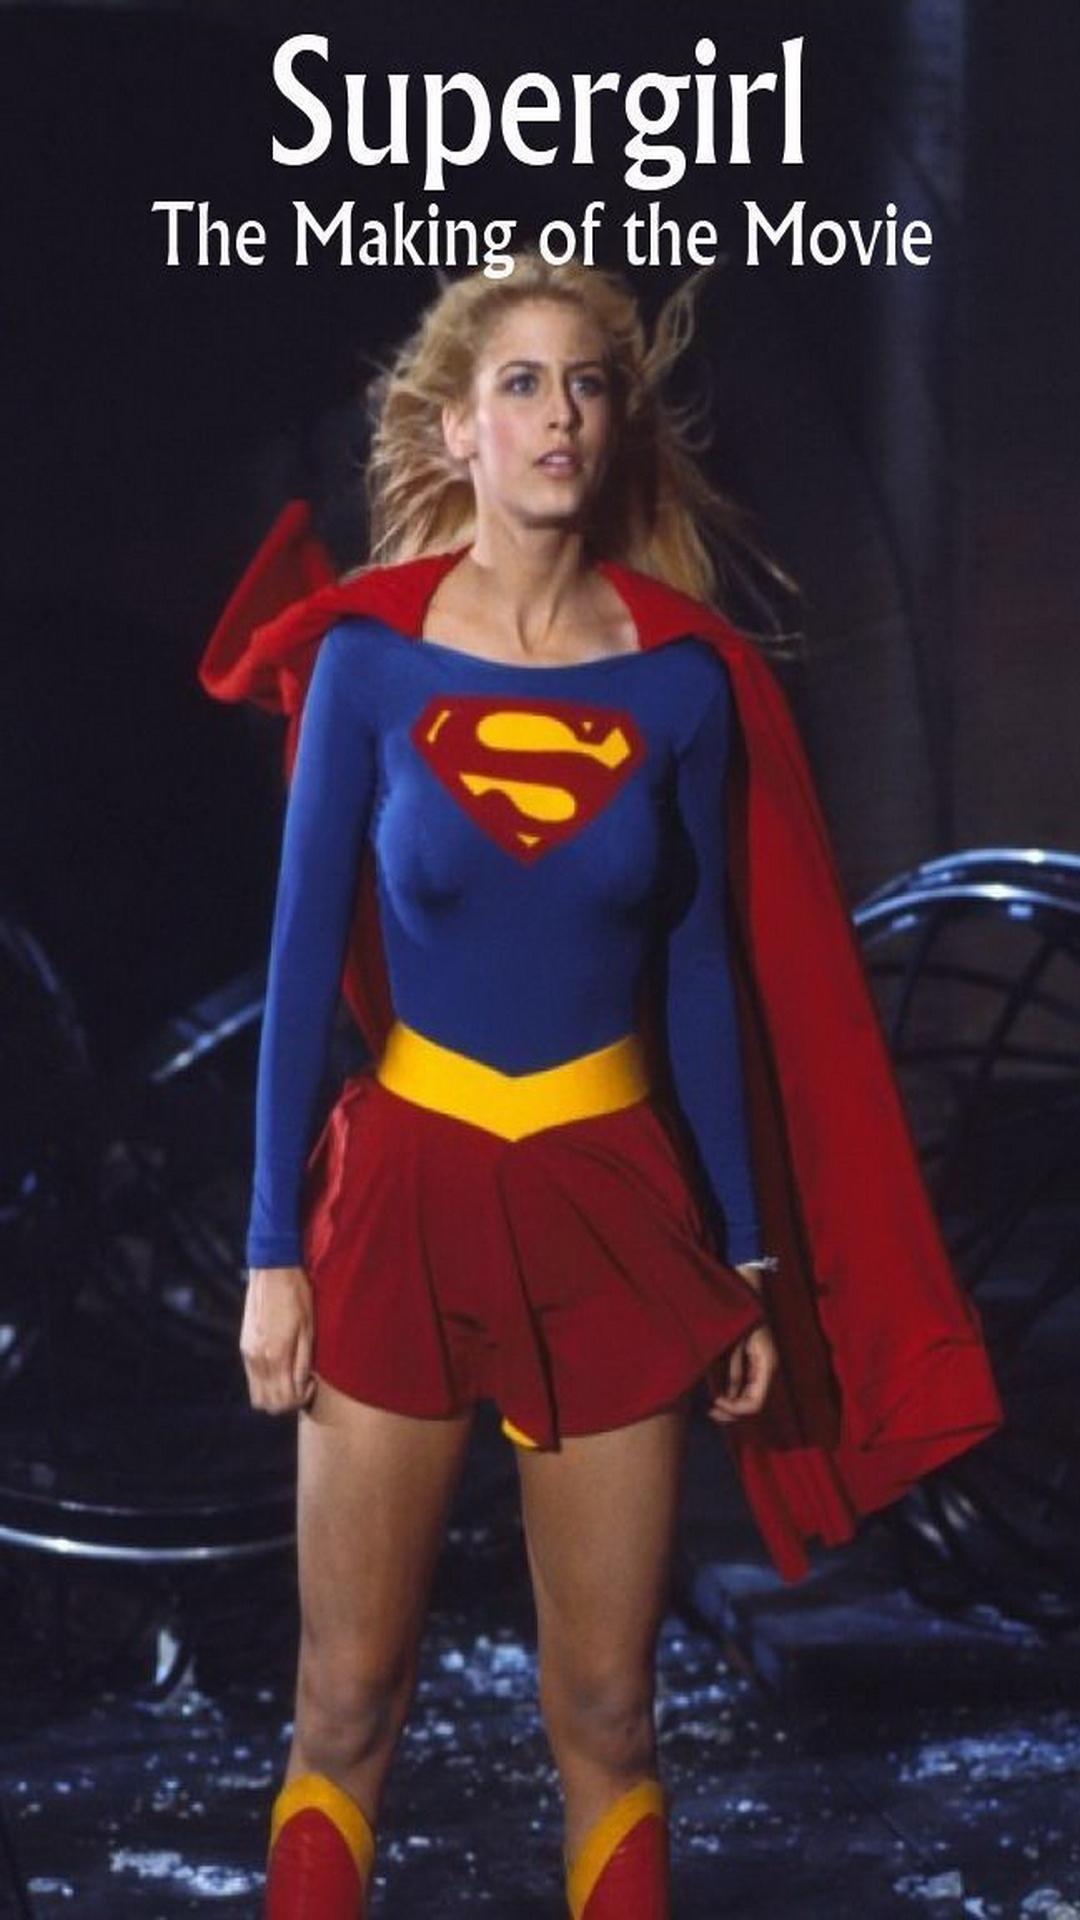 dark supergirl wallpaper - photo #44